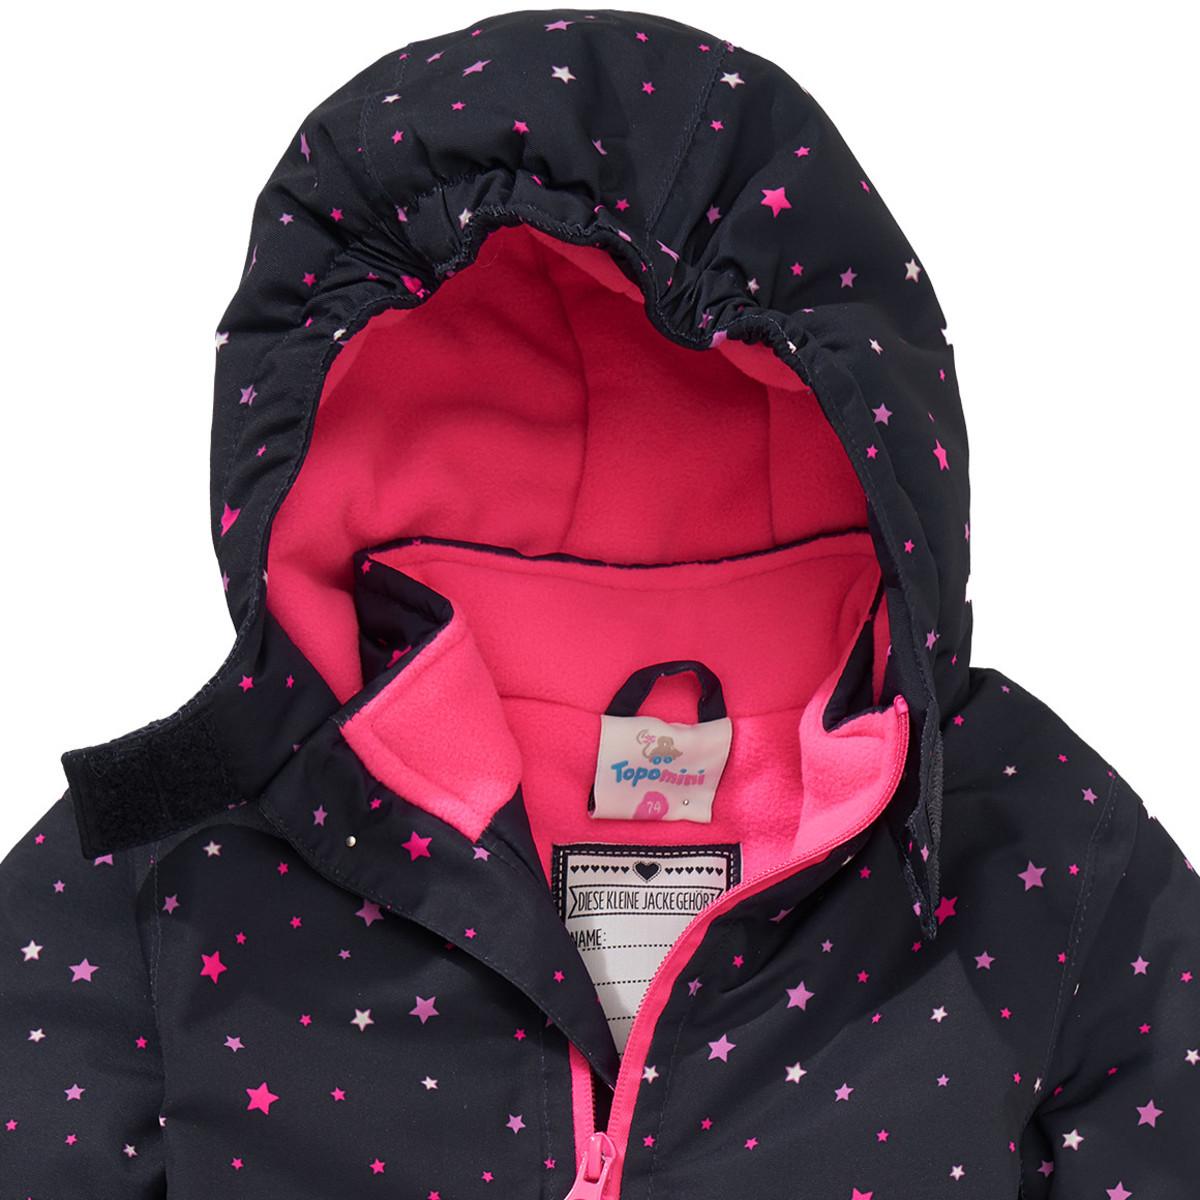 Bild 3 von Baby Schneeoverall mit Sternen-Print